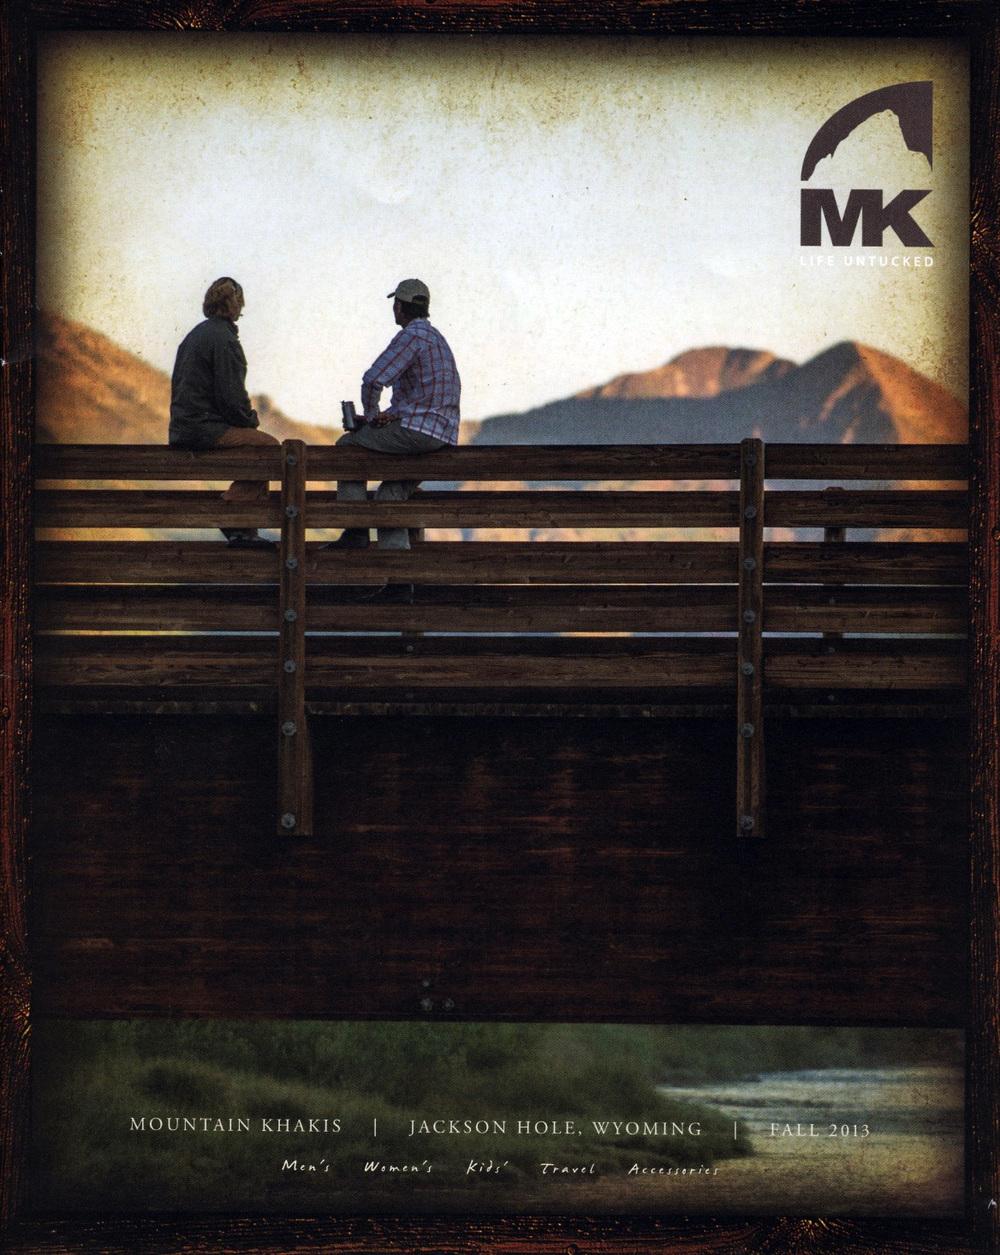 MK_cover.jpg